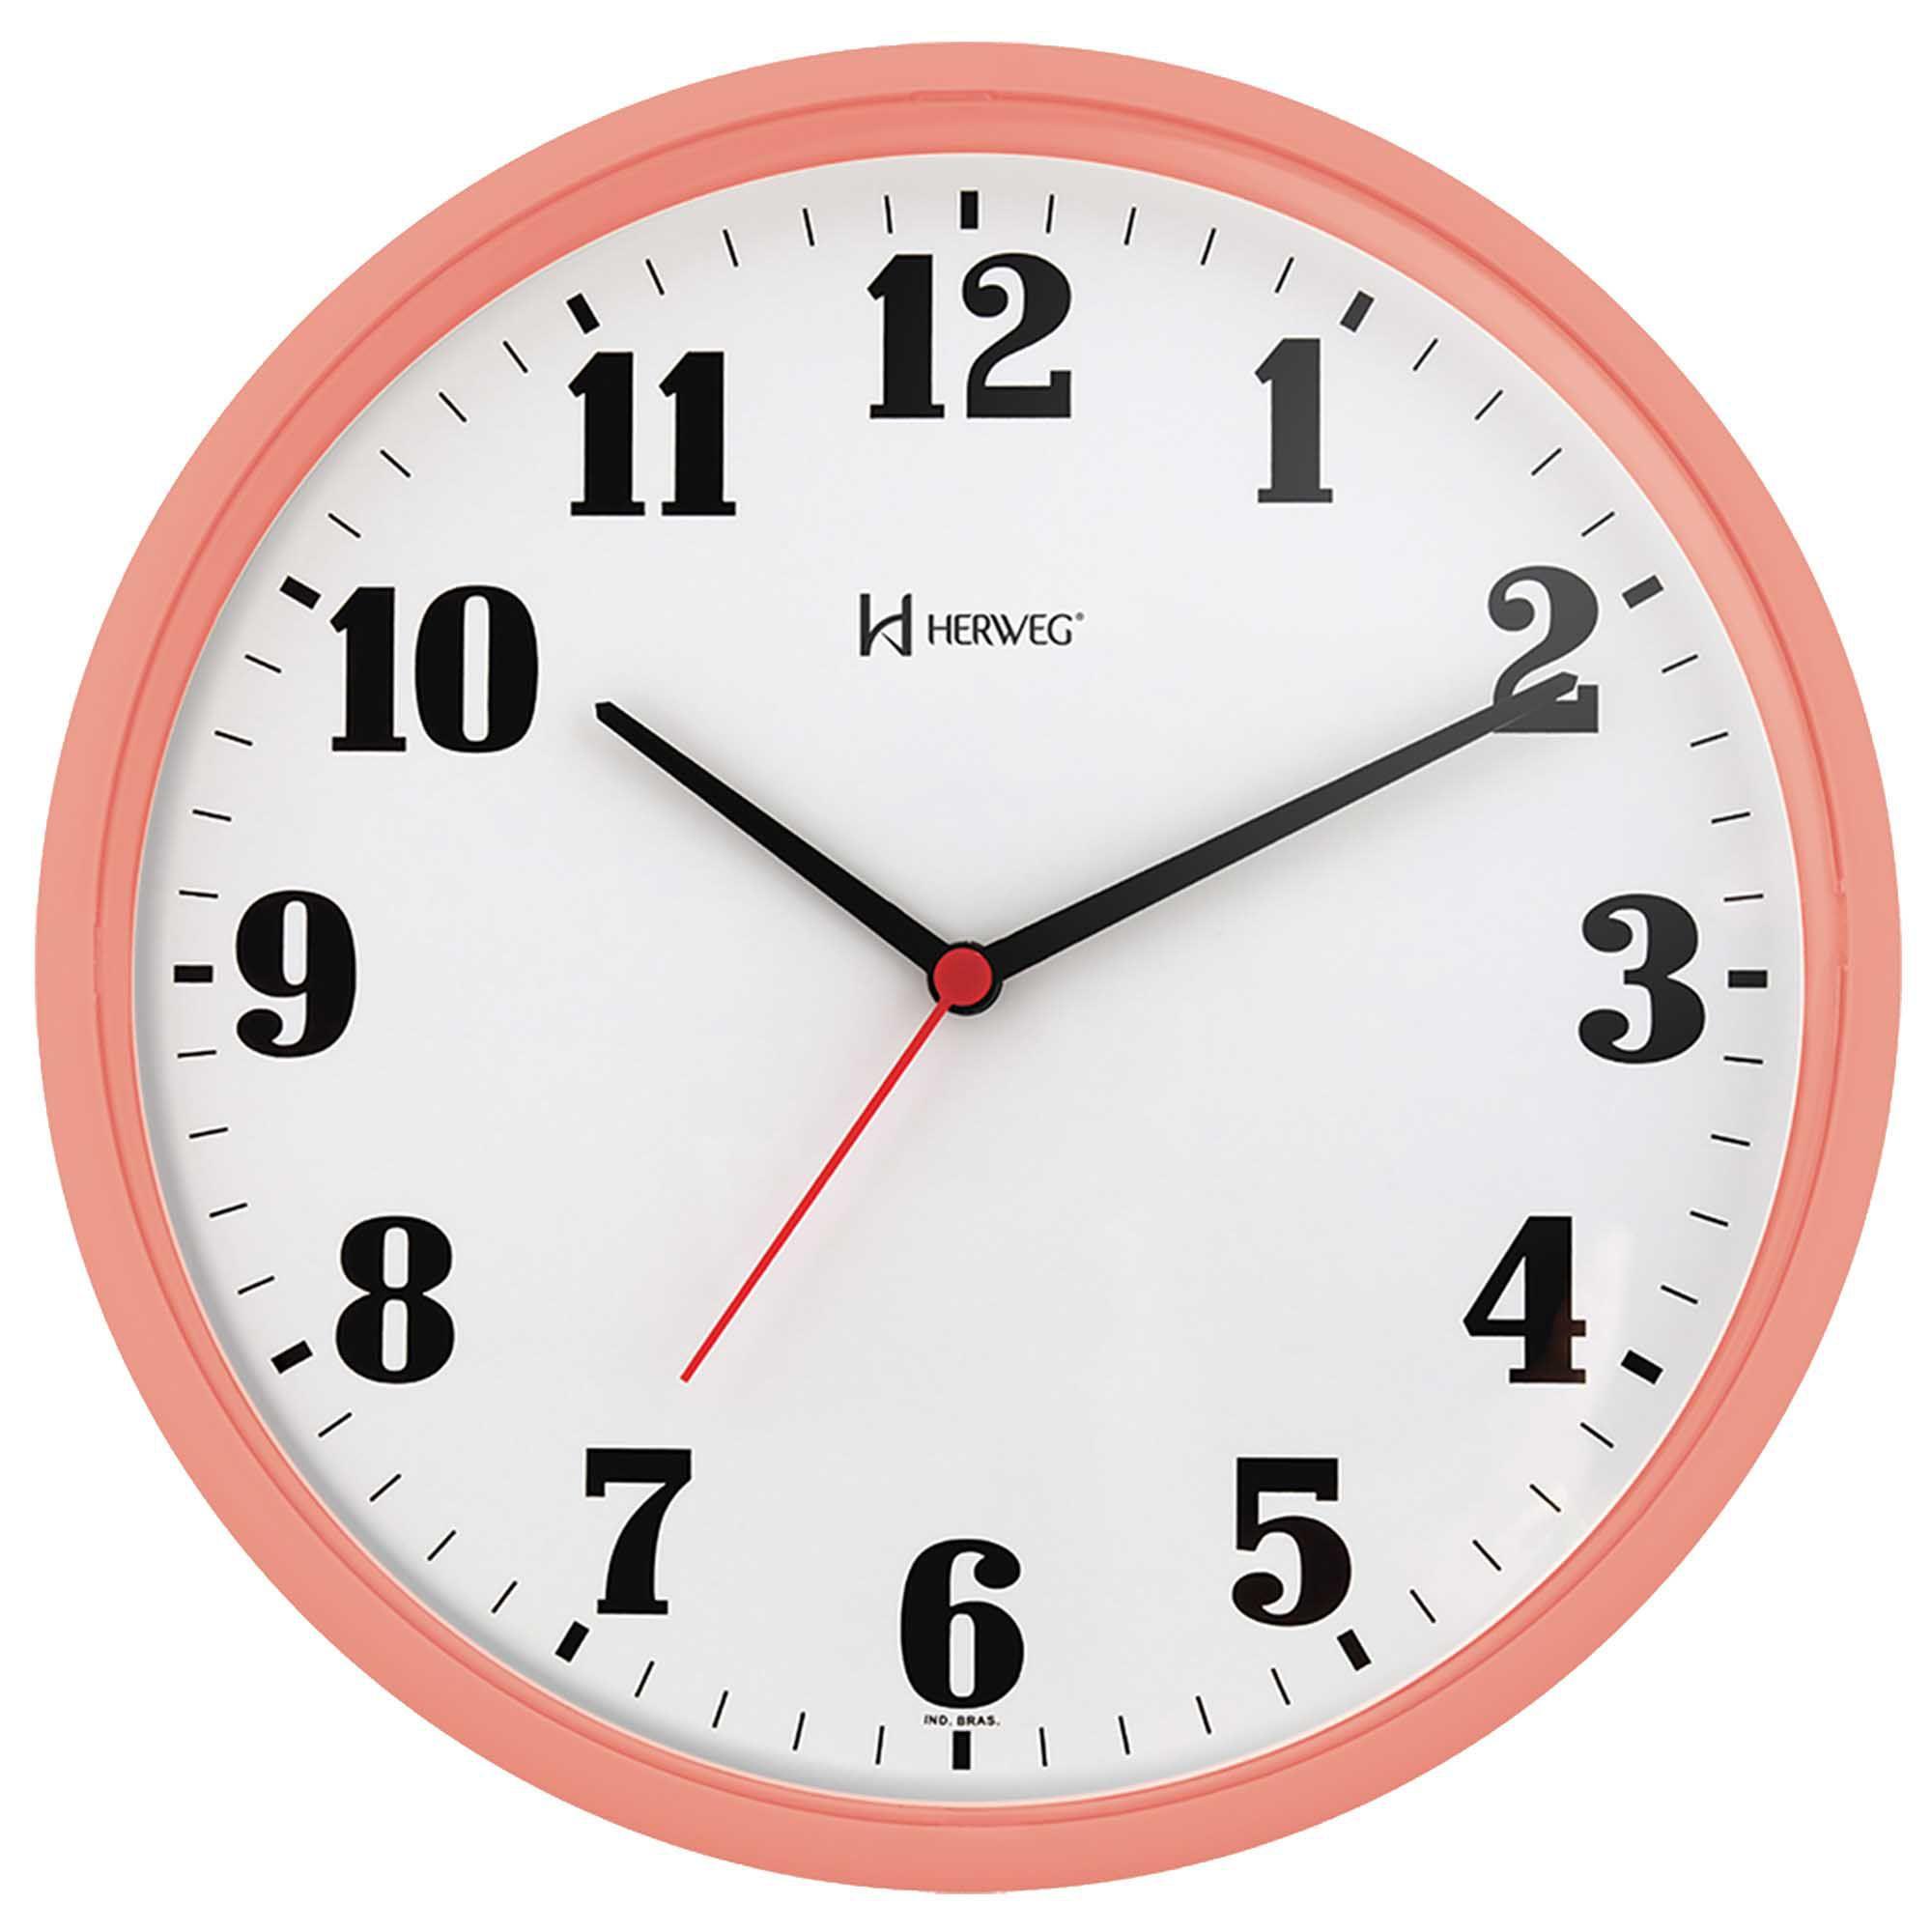 Relógio de Parede Analógico Herweg 6126 313 Salmão